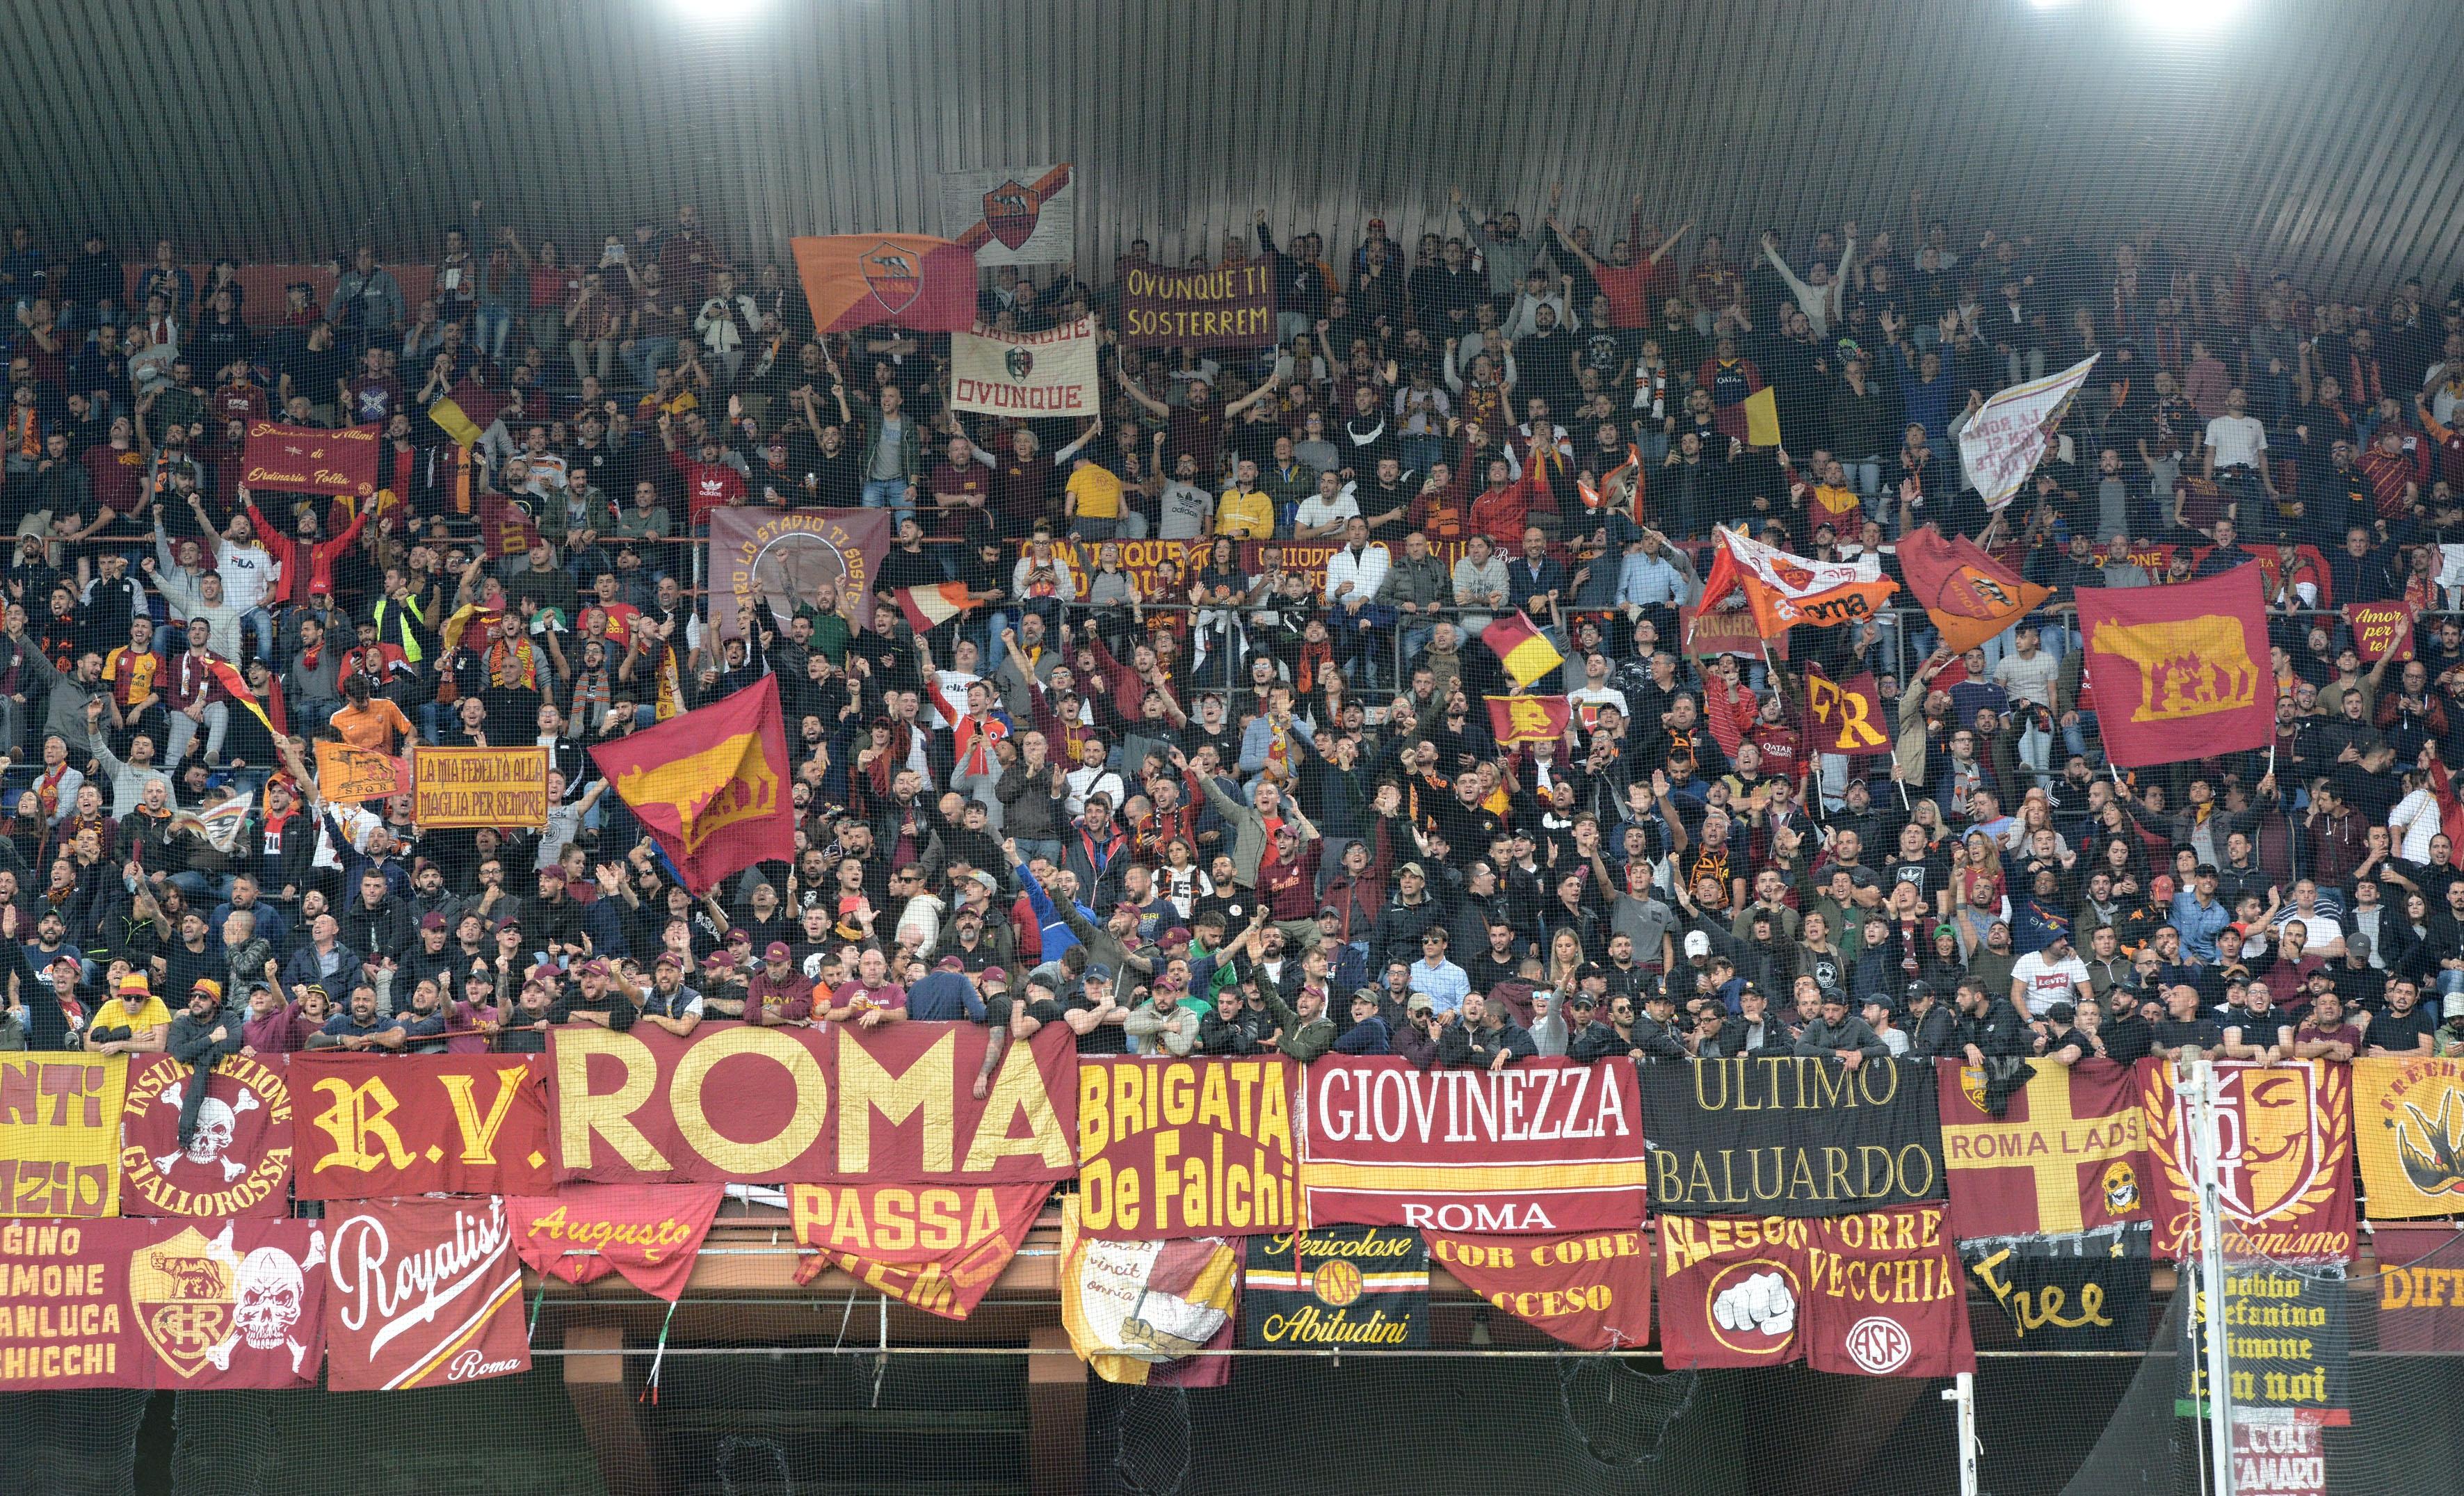 Дисциплинарната комисия към Италианската футболна федерация отложи заседанието за расистки